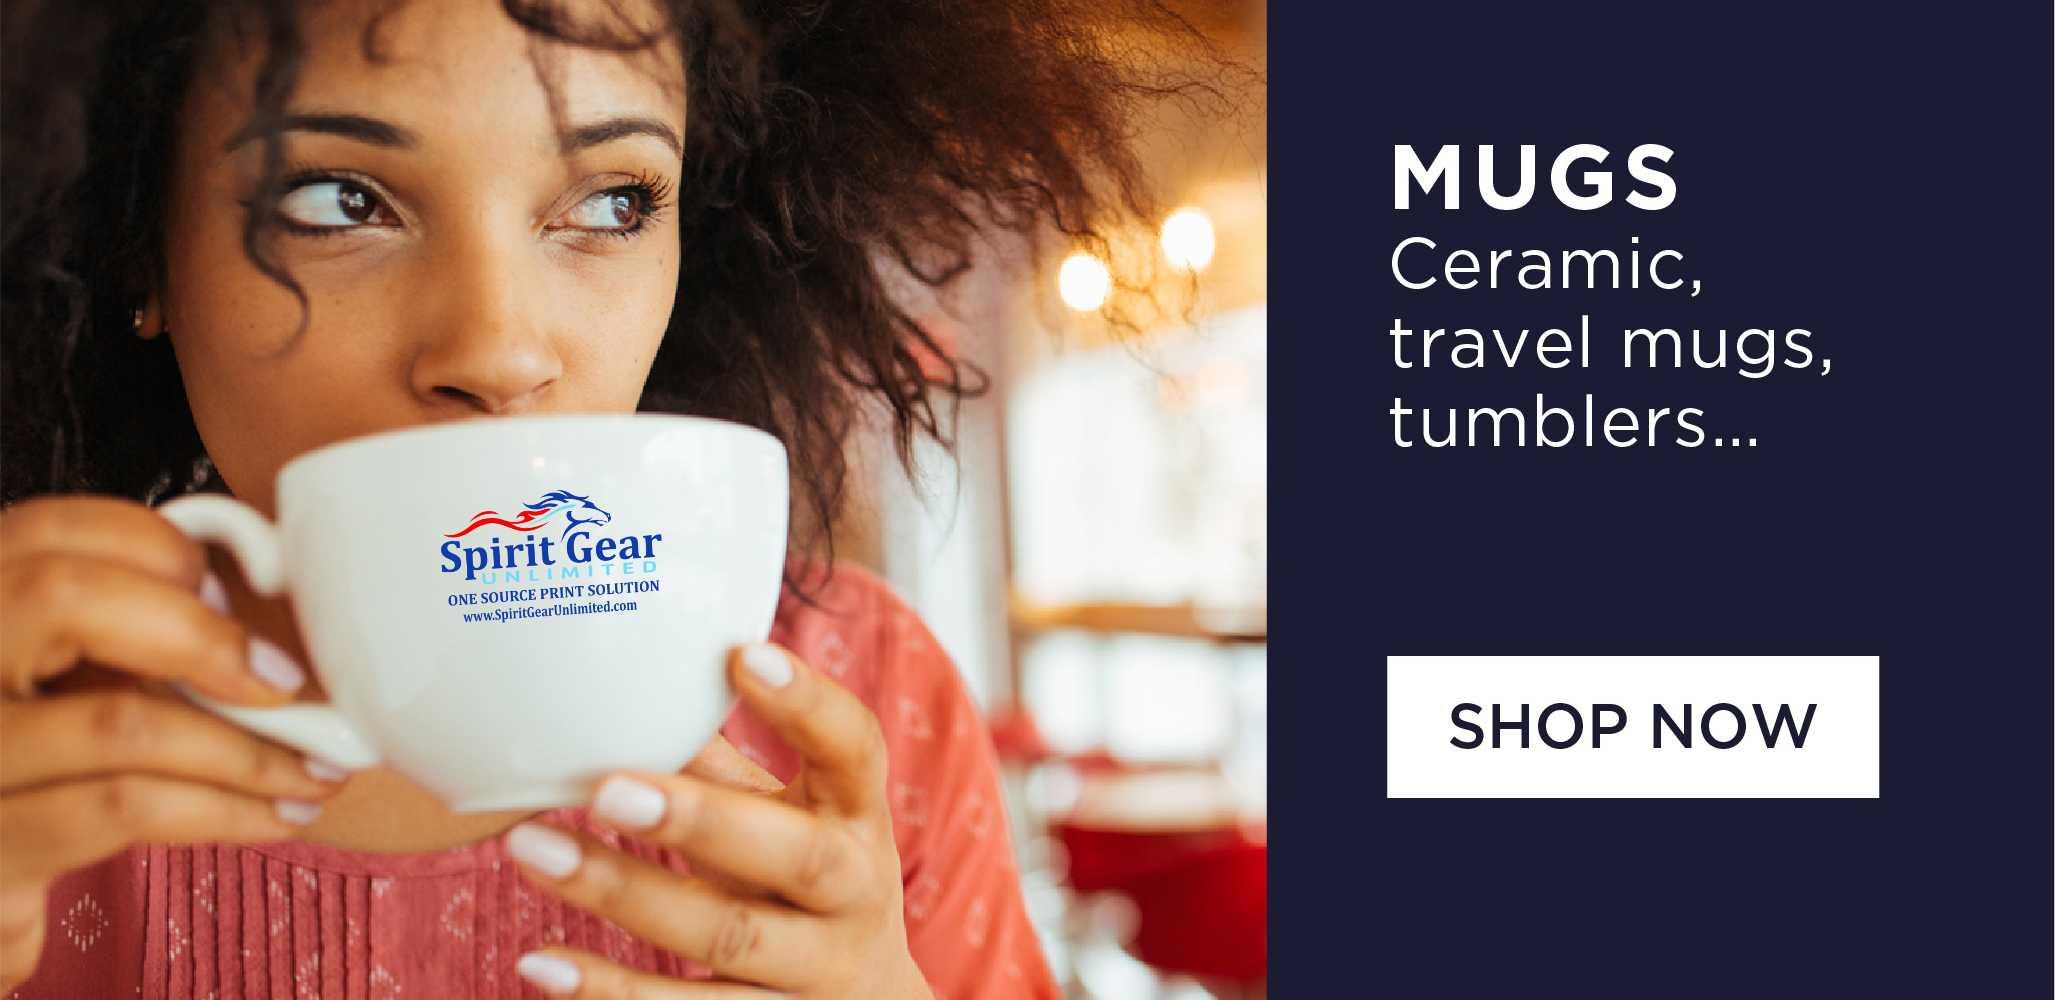 Mugs Category